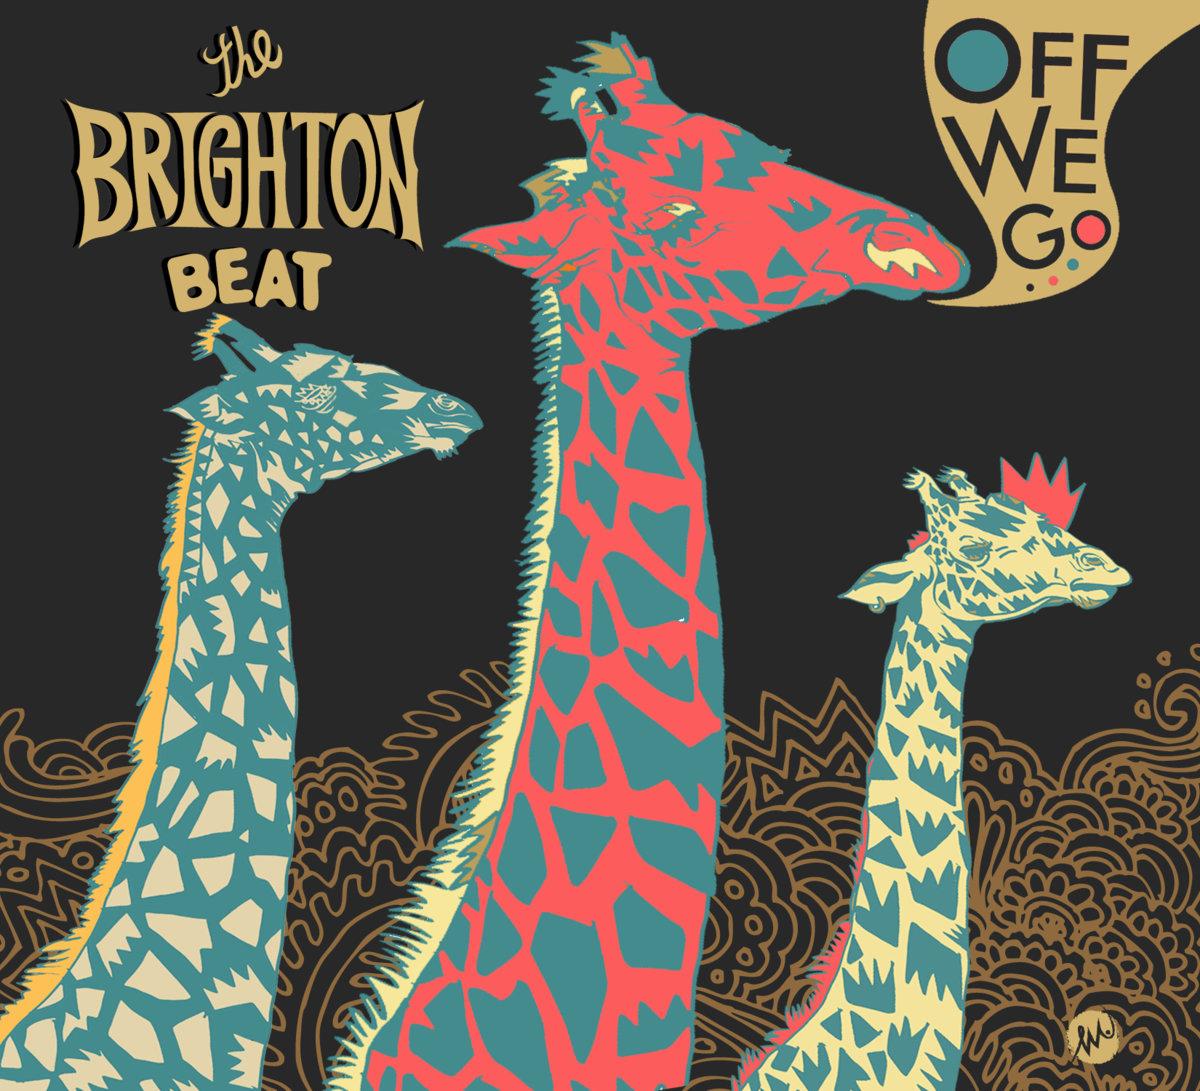 """The Brighton Beat - """"Off We Go"""""""